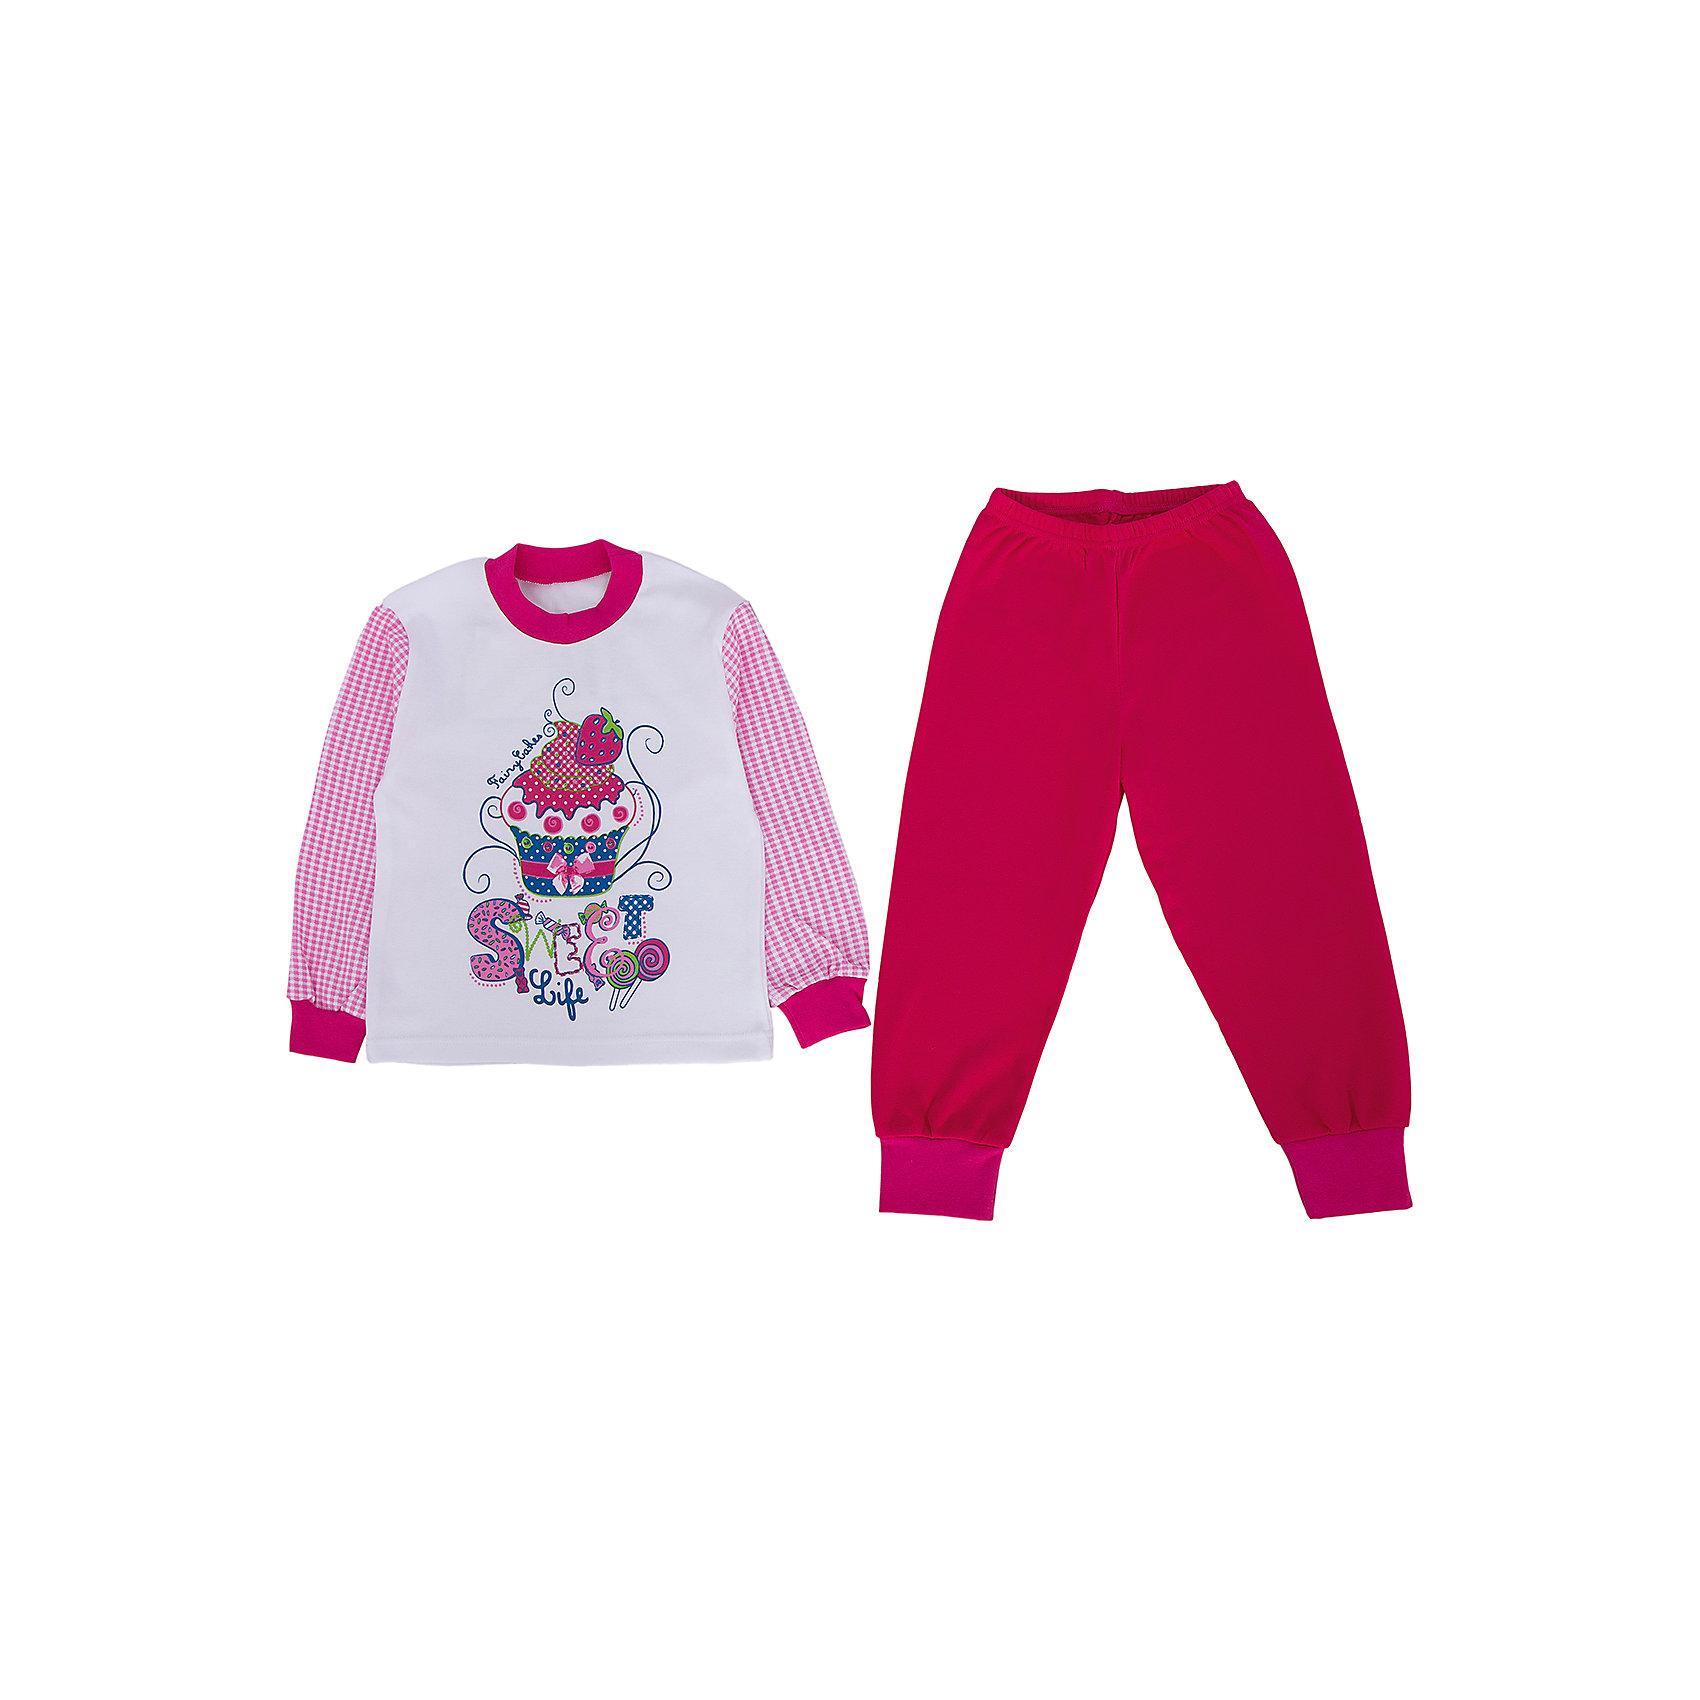 Пижама для девочки АпрельПижамы и сорочки<br>Пижама  от известного бренда Апрель<br>Замечательный домашний комплект, состоящий из джемпера и брючек. Приятный на ощупь, не сковывает движения, обеспечивая полный комфорт. Джемпер с длинными рукавами на манжете, декорирован милым дизайнерским принтом. Брючки имеют эластичный пояс, по низу манжеты. Прекрасный вариант для дома и сна!<br>Состав:<br>хлопок 100%<br><br>Ширина мм: 281<br>Глубина мм: 70<br>Высота мм: 188<br>Вес г: 295<br>Цвет: розовый<br>Возраст от месяцев: 18<br>Возраст до месяцев: 24<br>Пол: Женский<br>Возраст: Детский<br>Размер: 92,98,104,110,116<br>SKU: 4768303